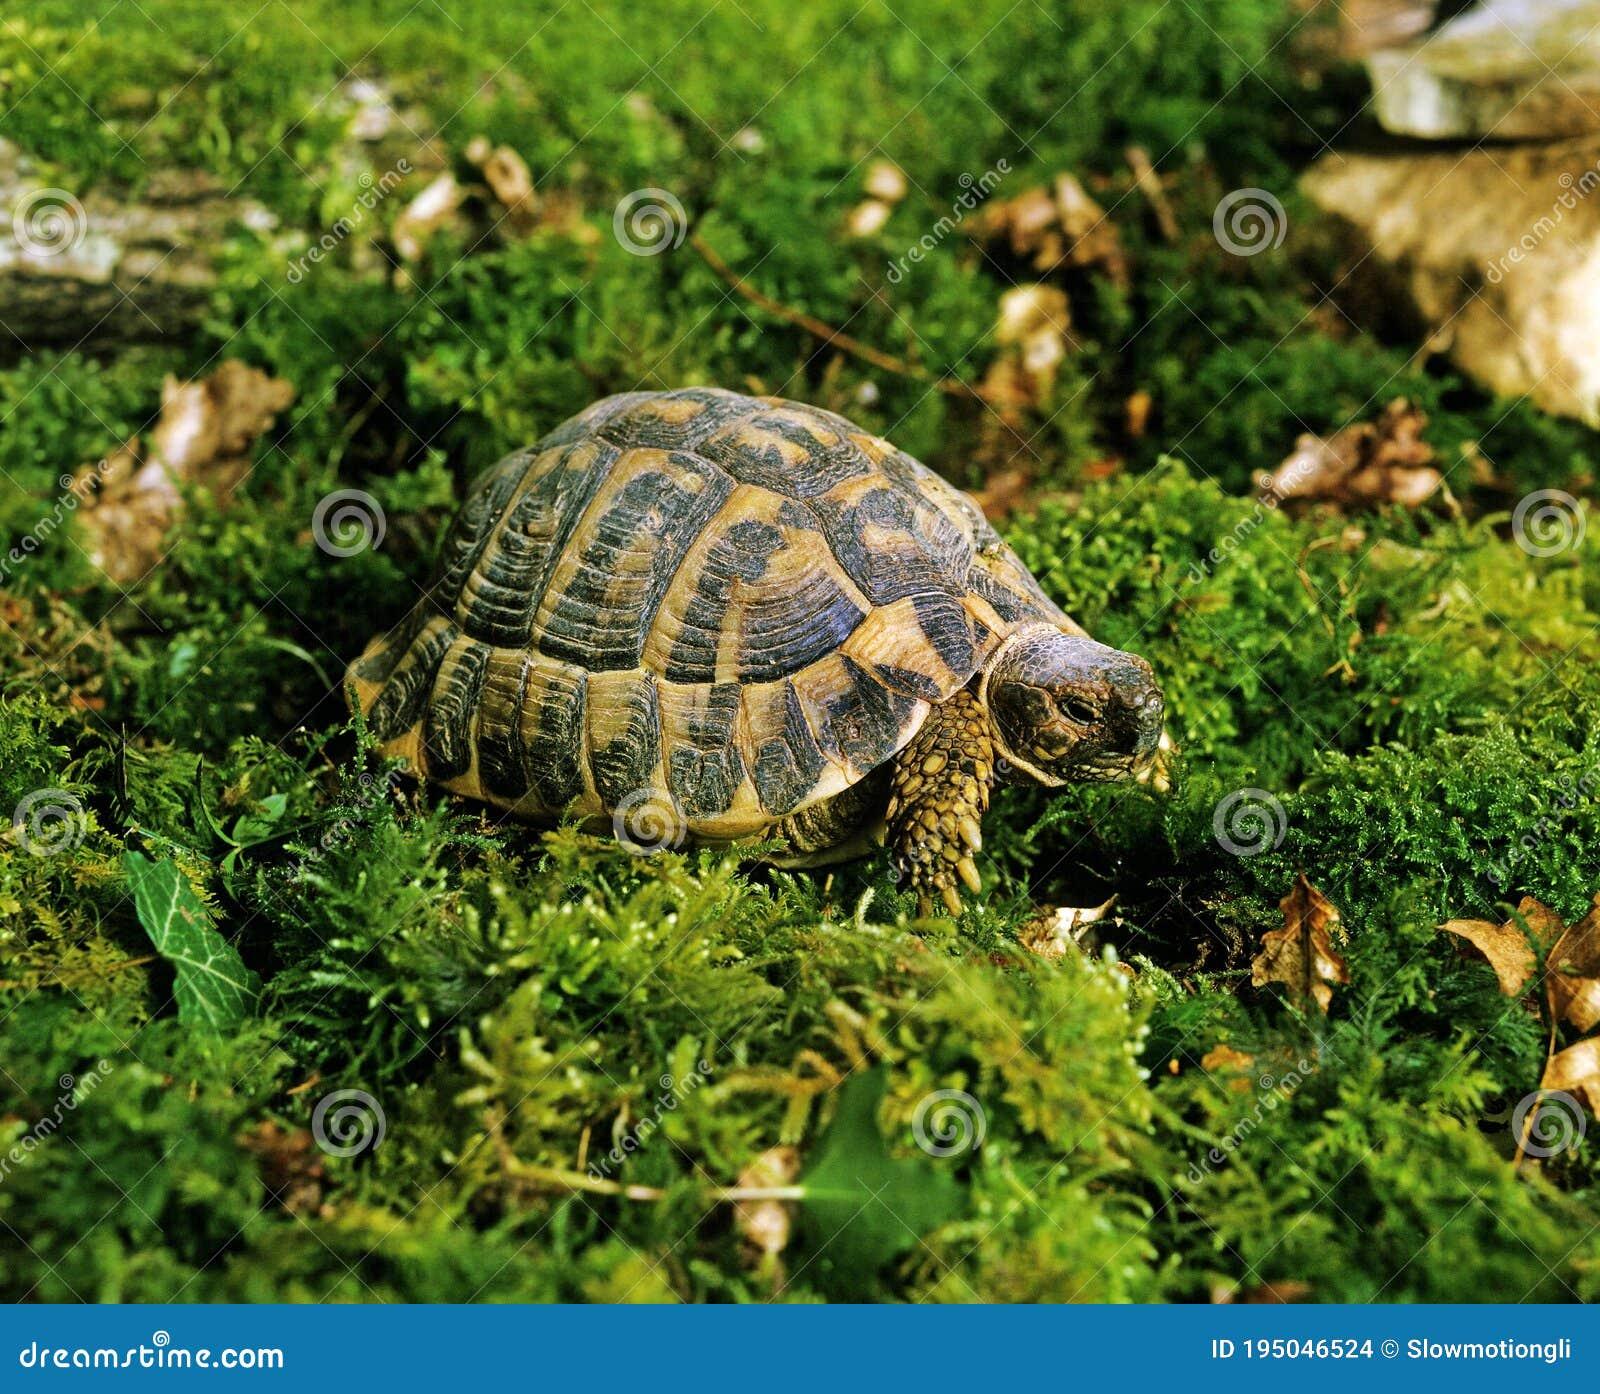 Stellung schildkröten Entstehung der